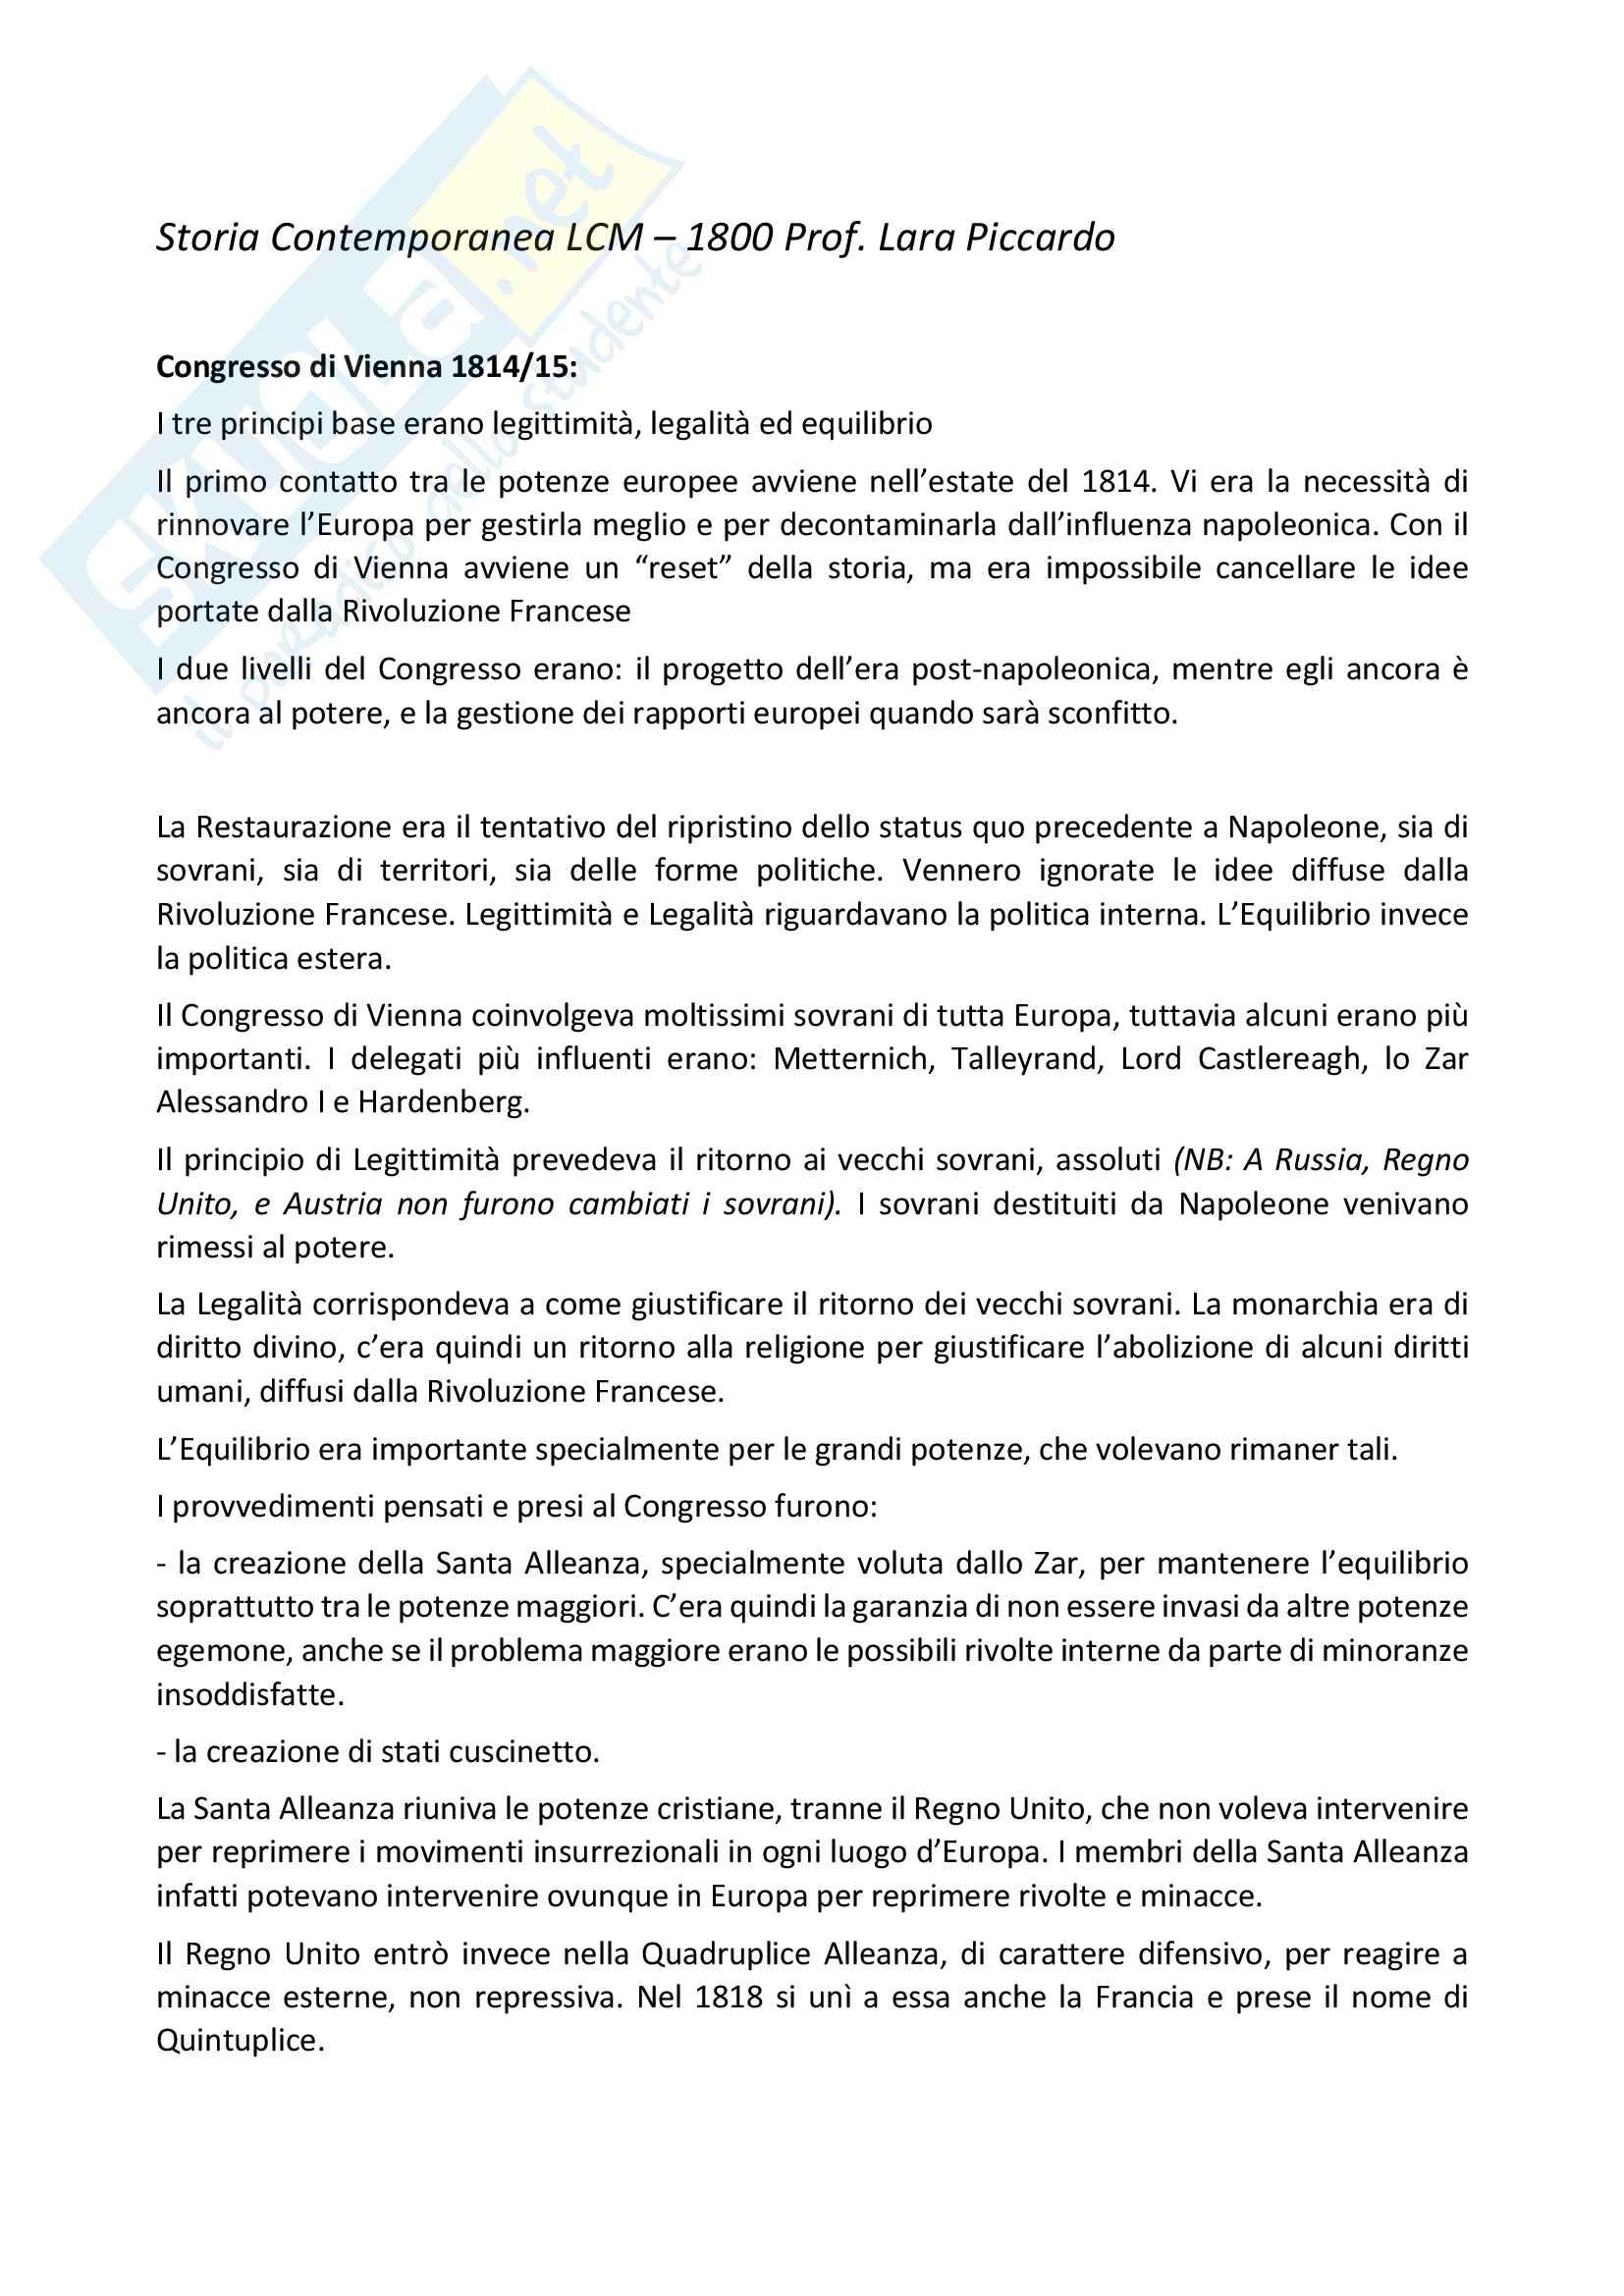 Storia dell'800 Prof Piccardo Unige LCM Storia contemporanea